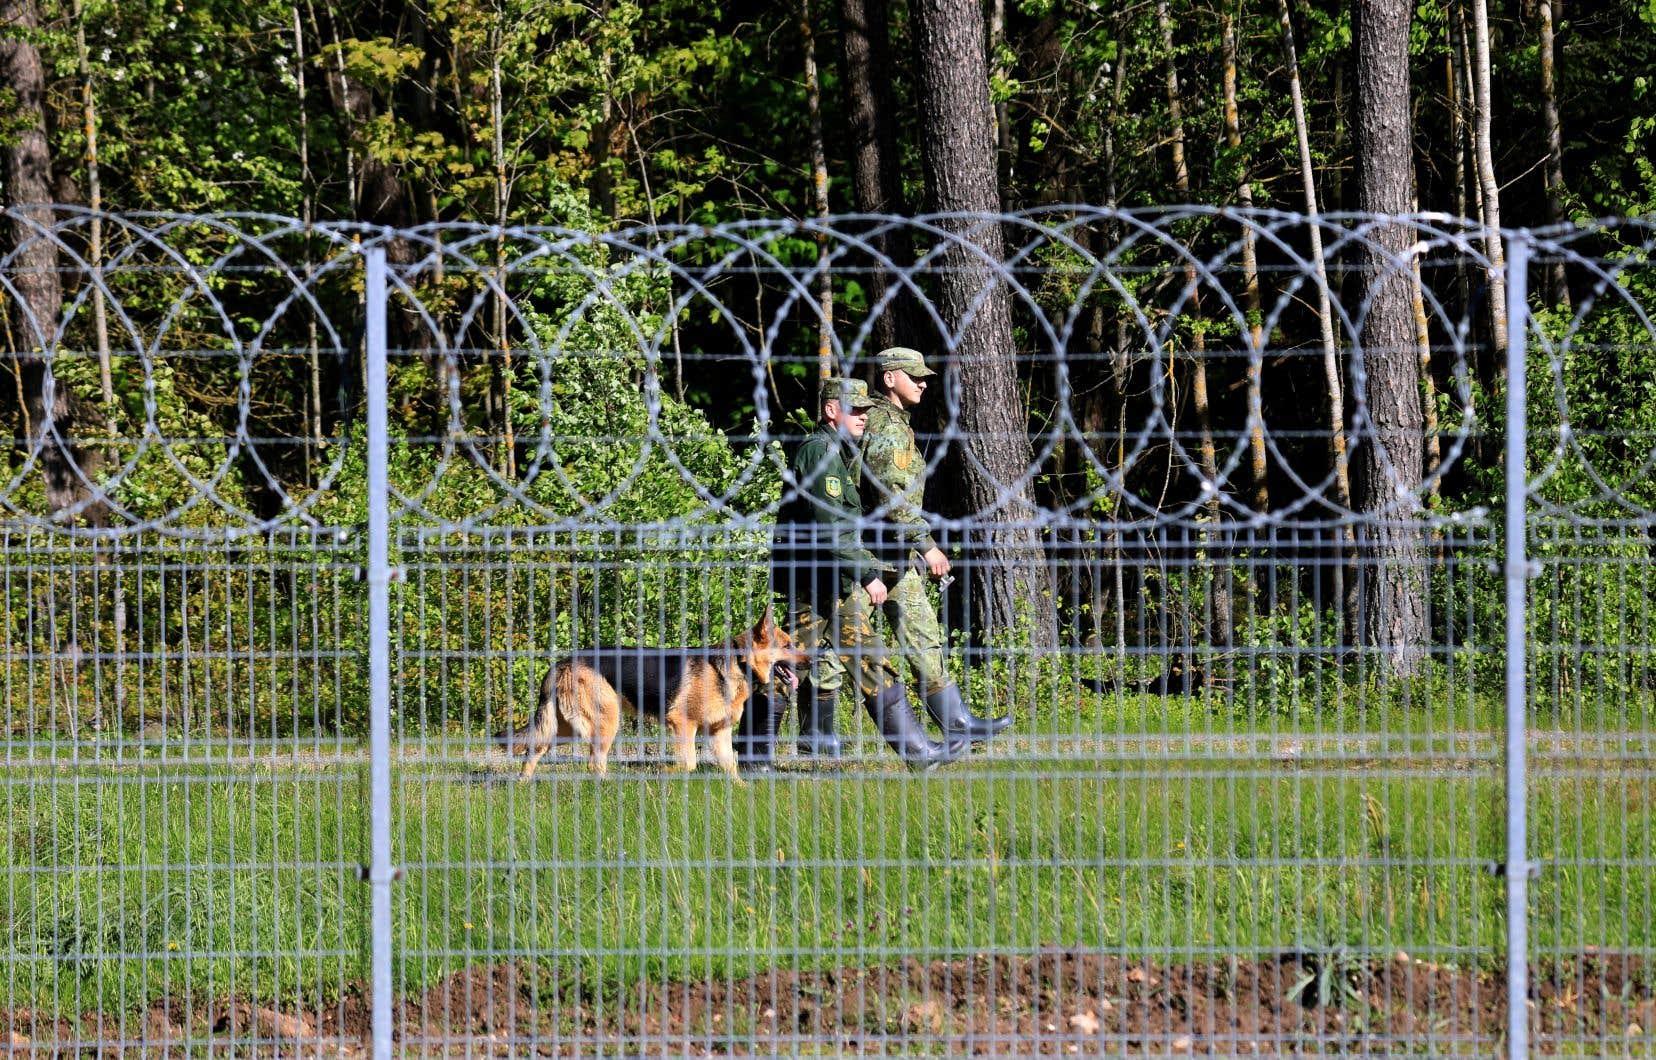 Les gardes-frontières lituaniens ont annoncé vendredi avoir appréhendé 37 migrants au cours des 24heures précédentes, portant le nombre total de traversées illégales détectées à plus de 1500 depuis le début de l'année, contre seulement 81 pour l'ensemble de 2020.